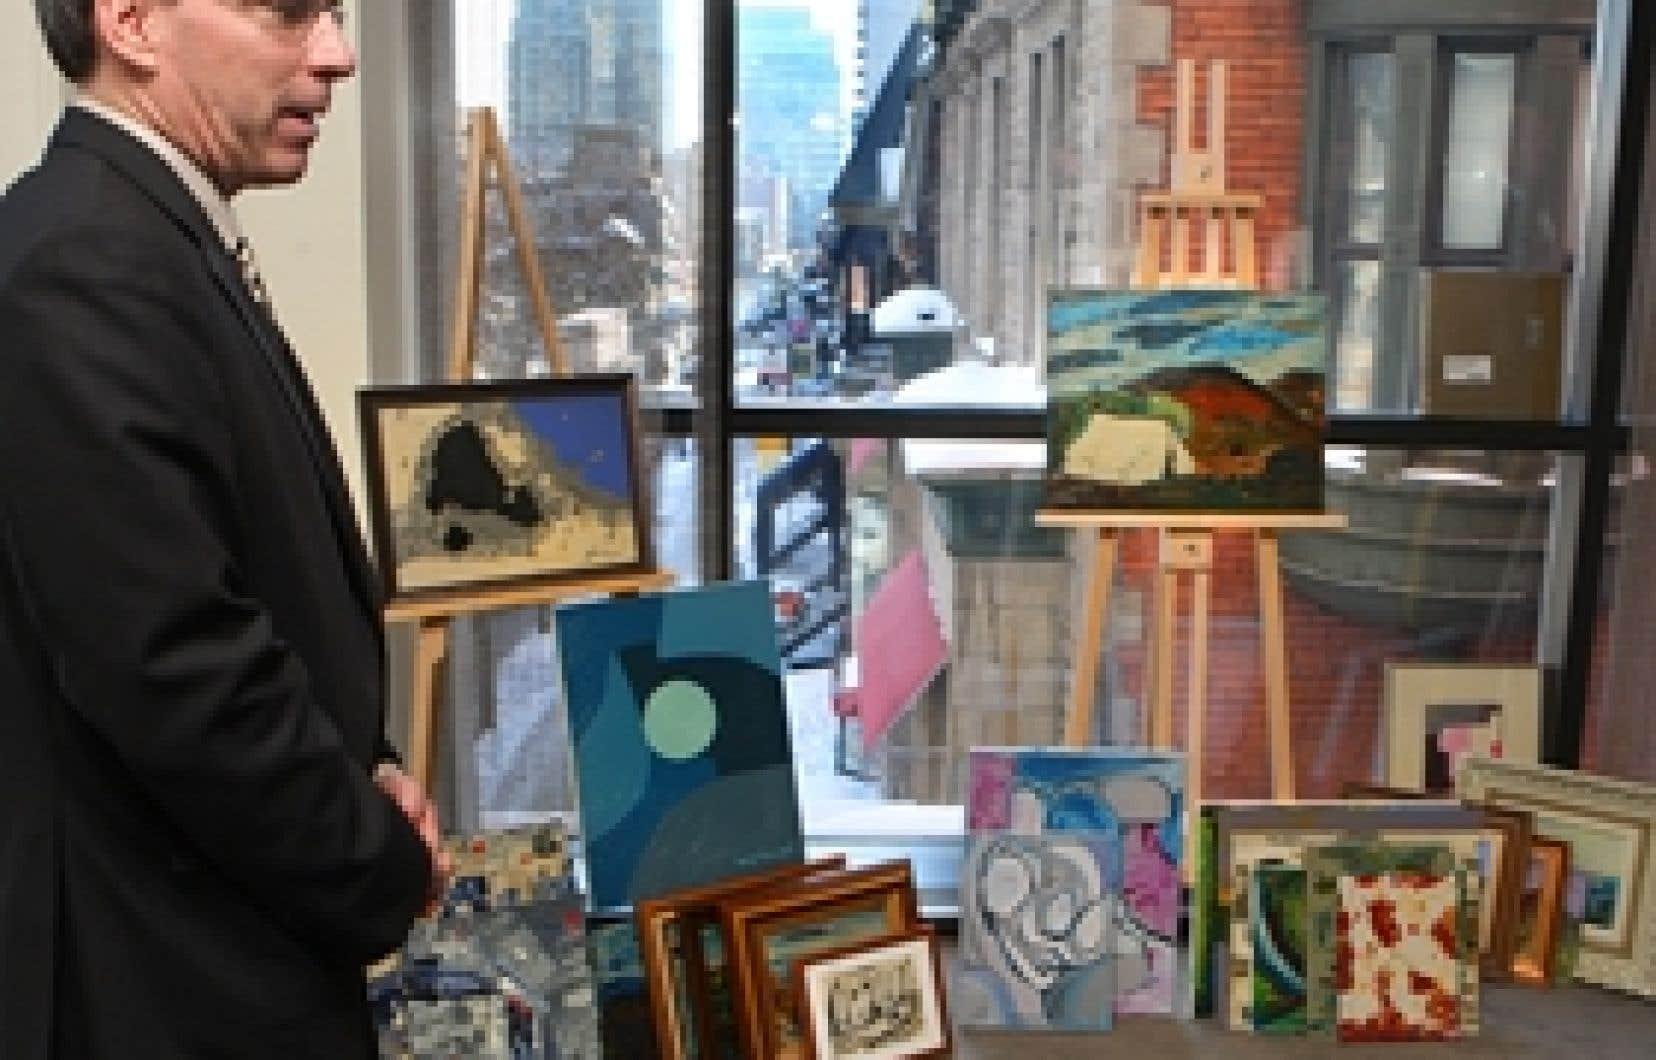 Les policiers avaient déballé hier des preuves tangibles de l'efficacité de leurs interventions au cours des derniers mois, entre autres plusieurs toiles contrefaites imitant la manière de peintres québécois.